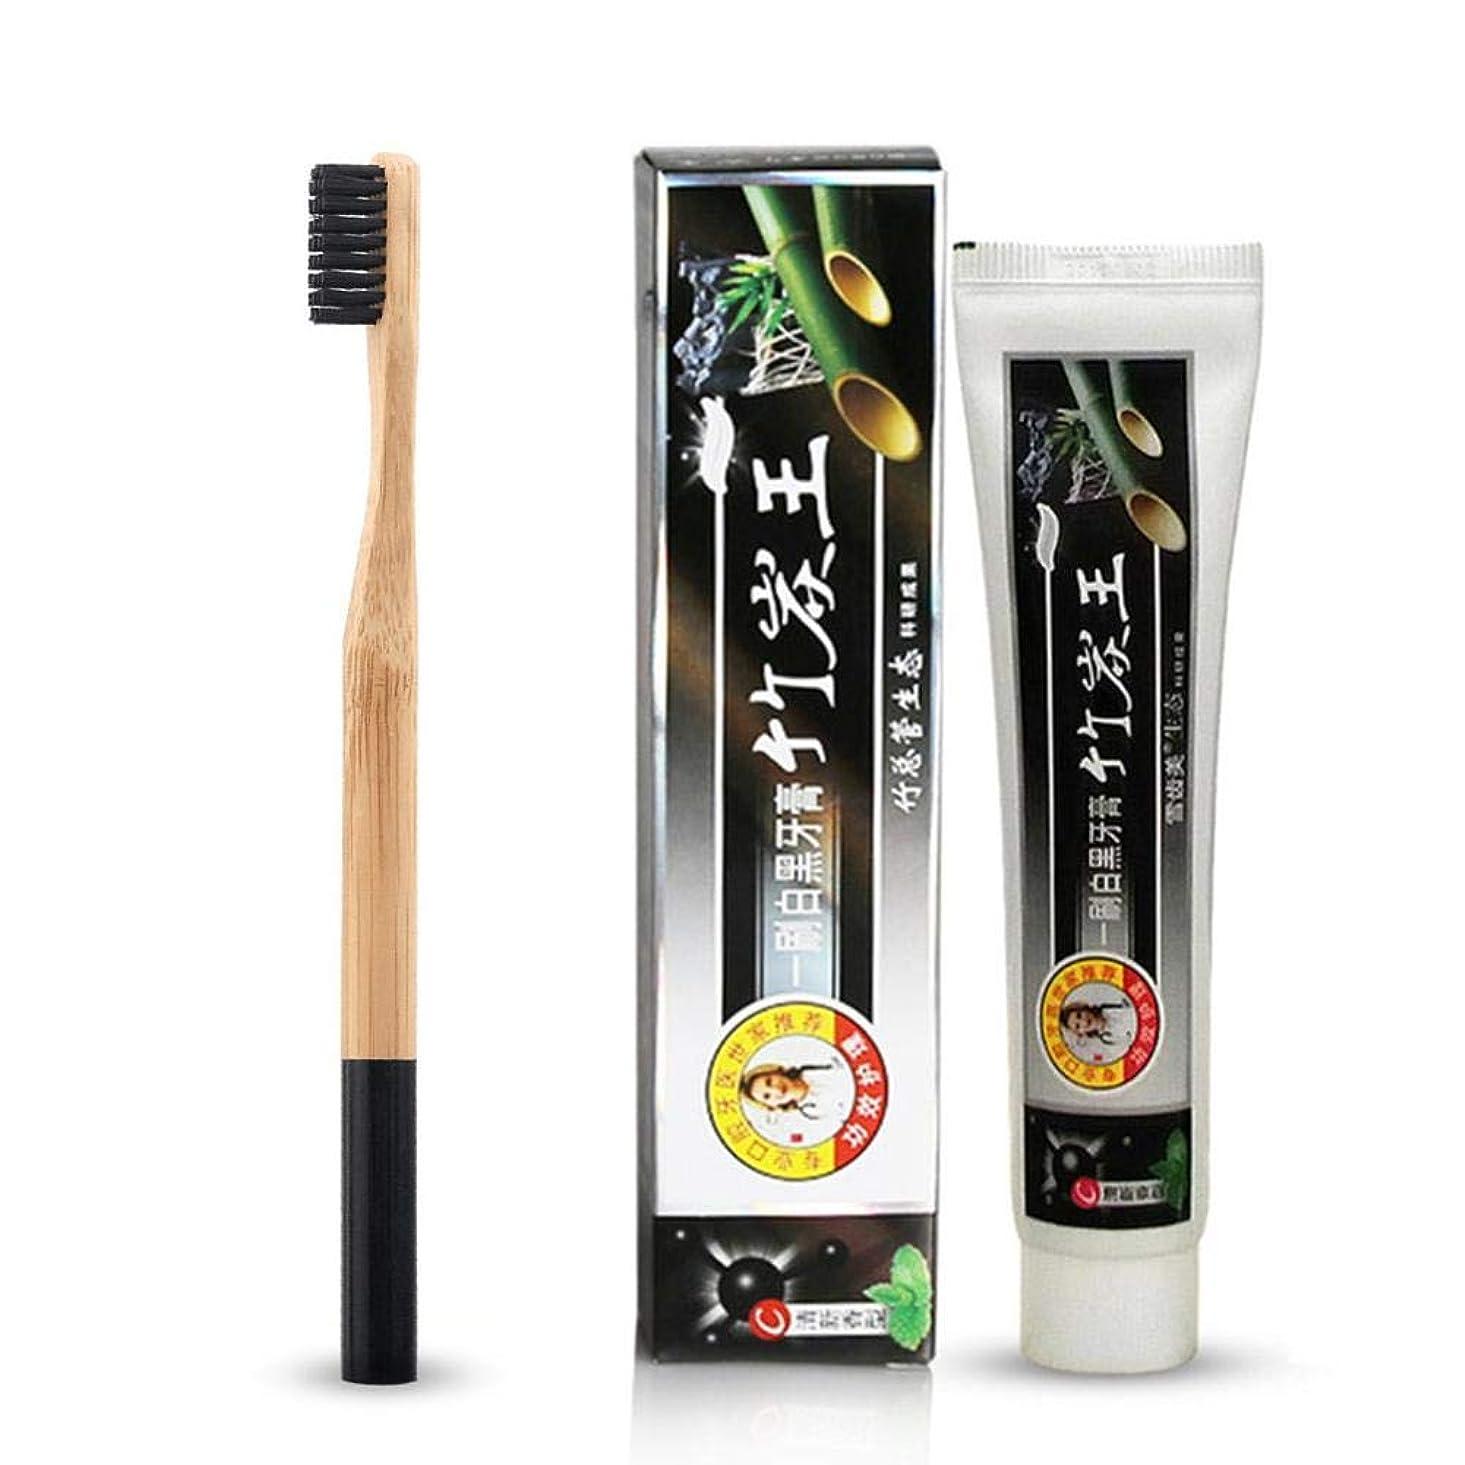 ヘビパケットアクセシブル歯磨き粉 活性炭 歯ブラシ キット 口頭心配 2PCS